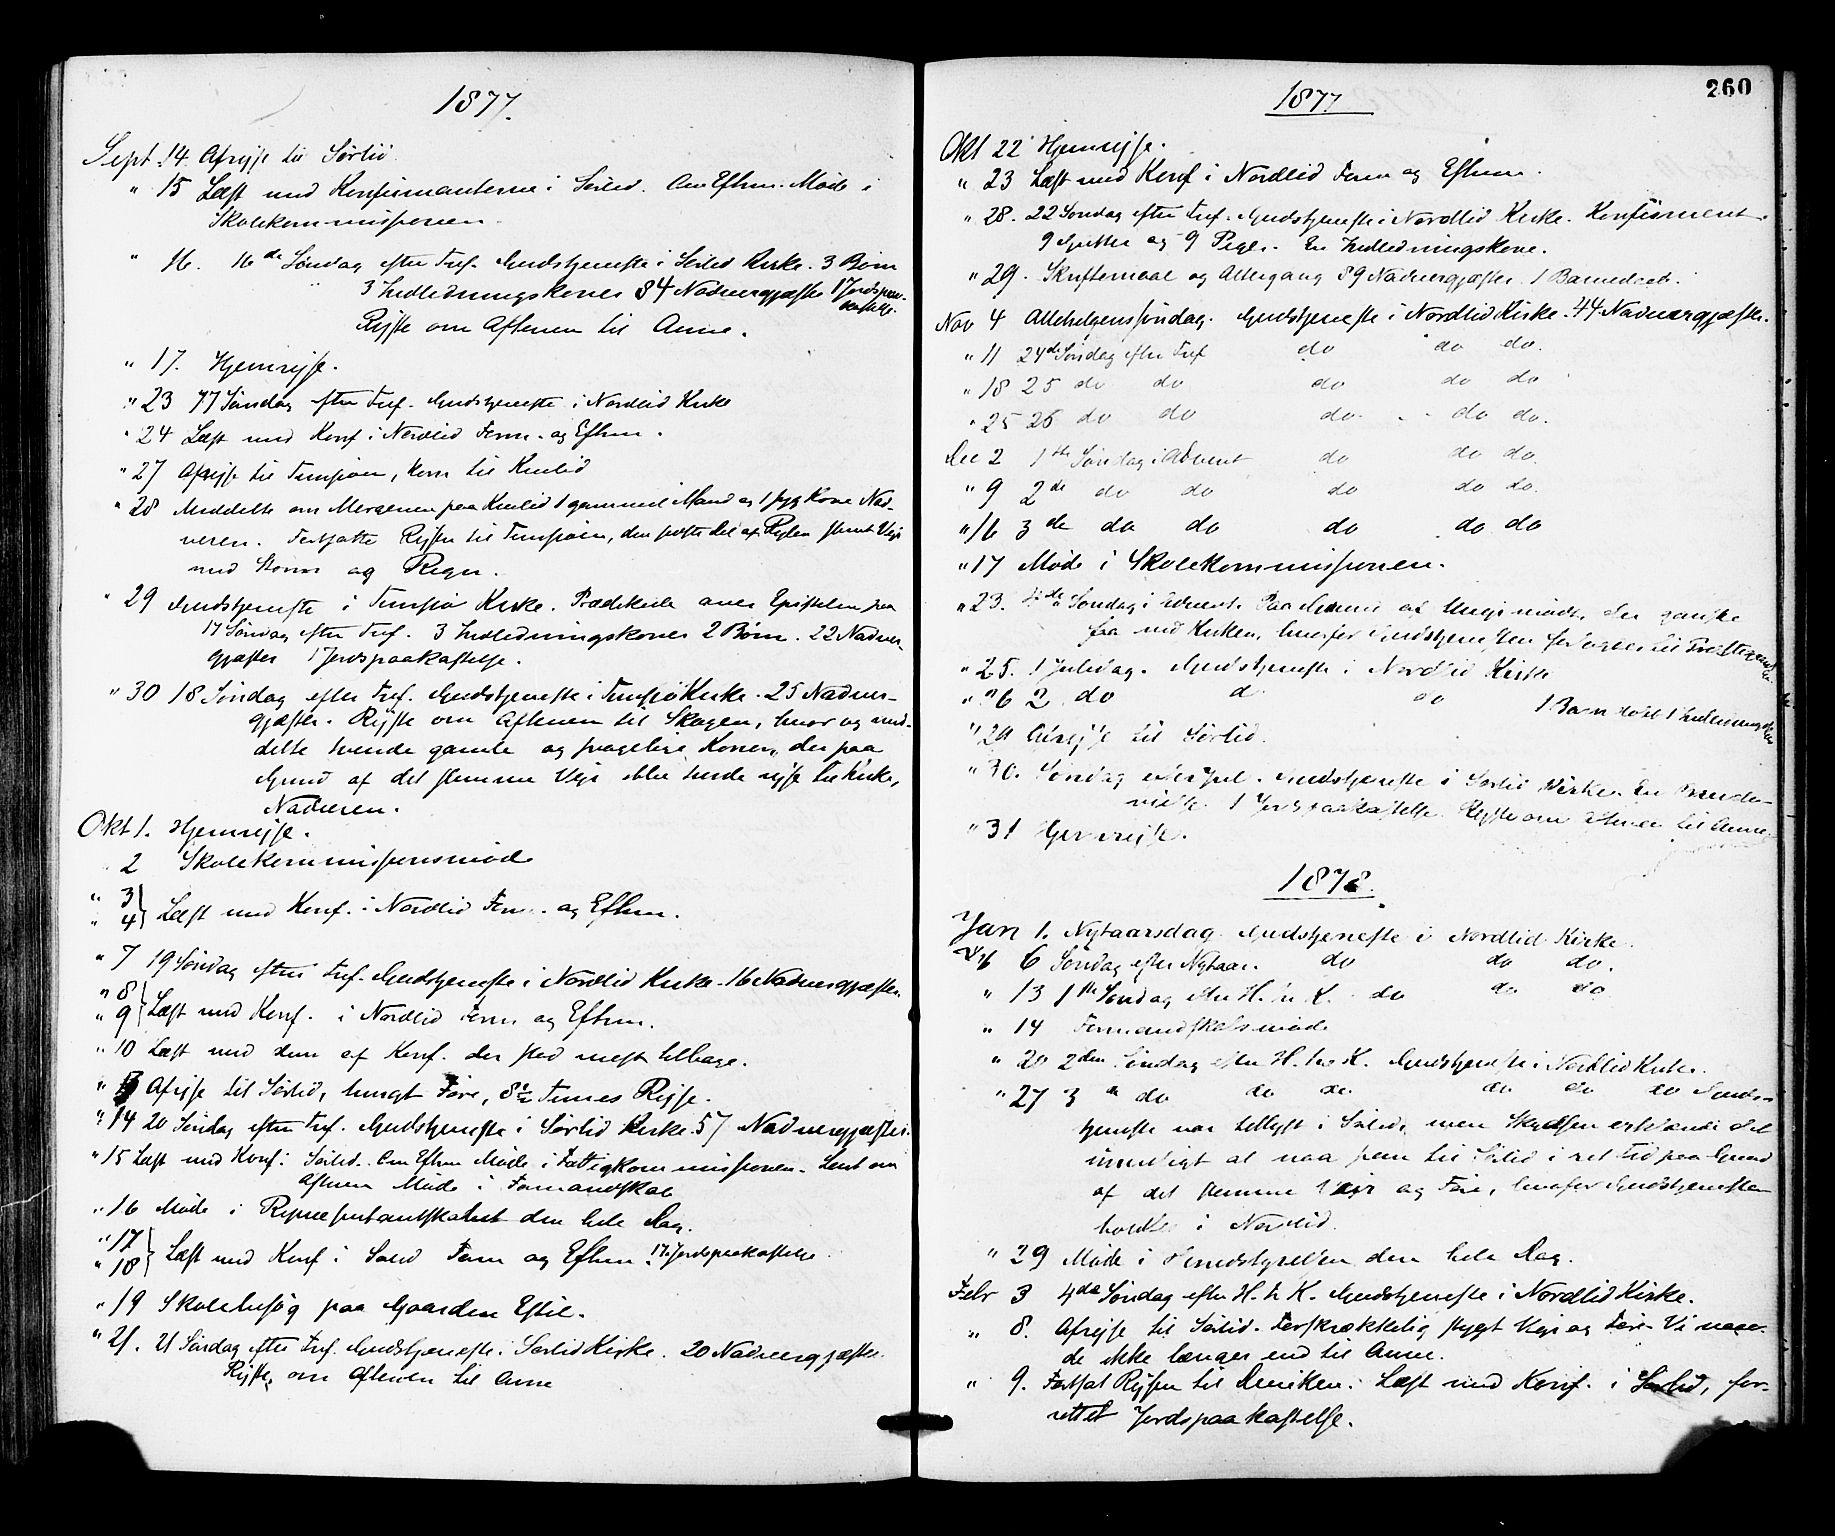 SAT, Ministerialprotokoller, klokkerbøker og fødselsregistre - Nord-Trøndelag, 755/L0493: Ministerialbok nr. 755A02, 1865-1881, s. 260